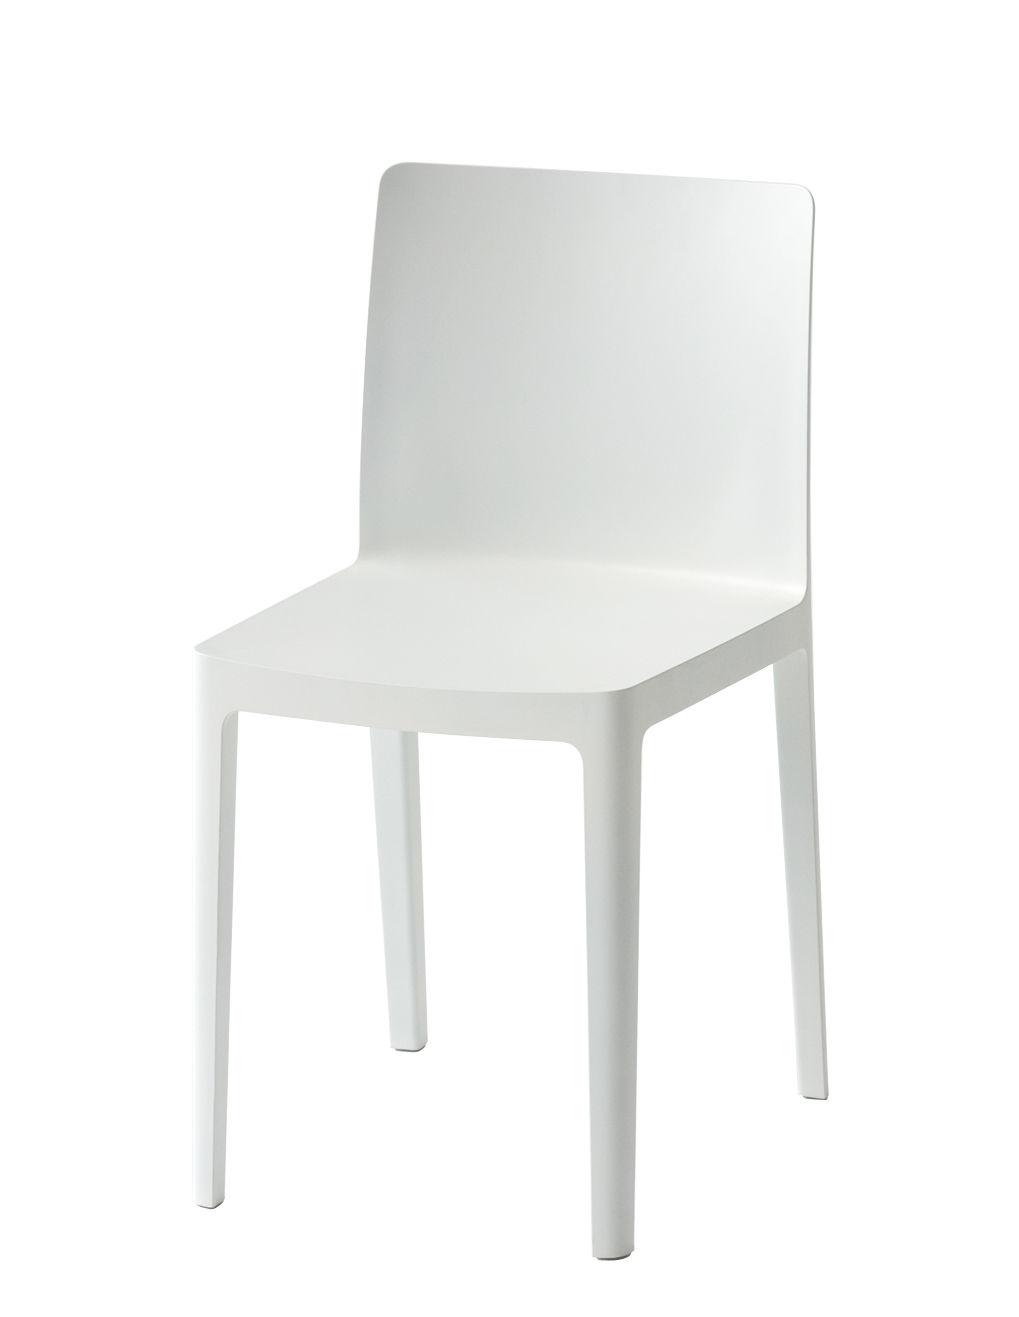 Arredamento - Sedie  - Sedia Elementaire di Hay - Bianco crema - Fibra di vetro, Polipropilene